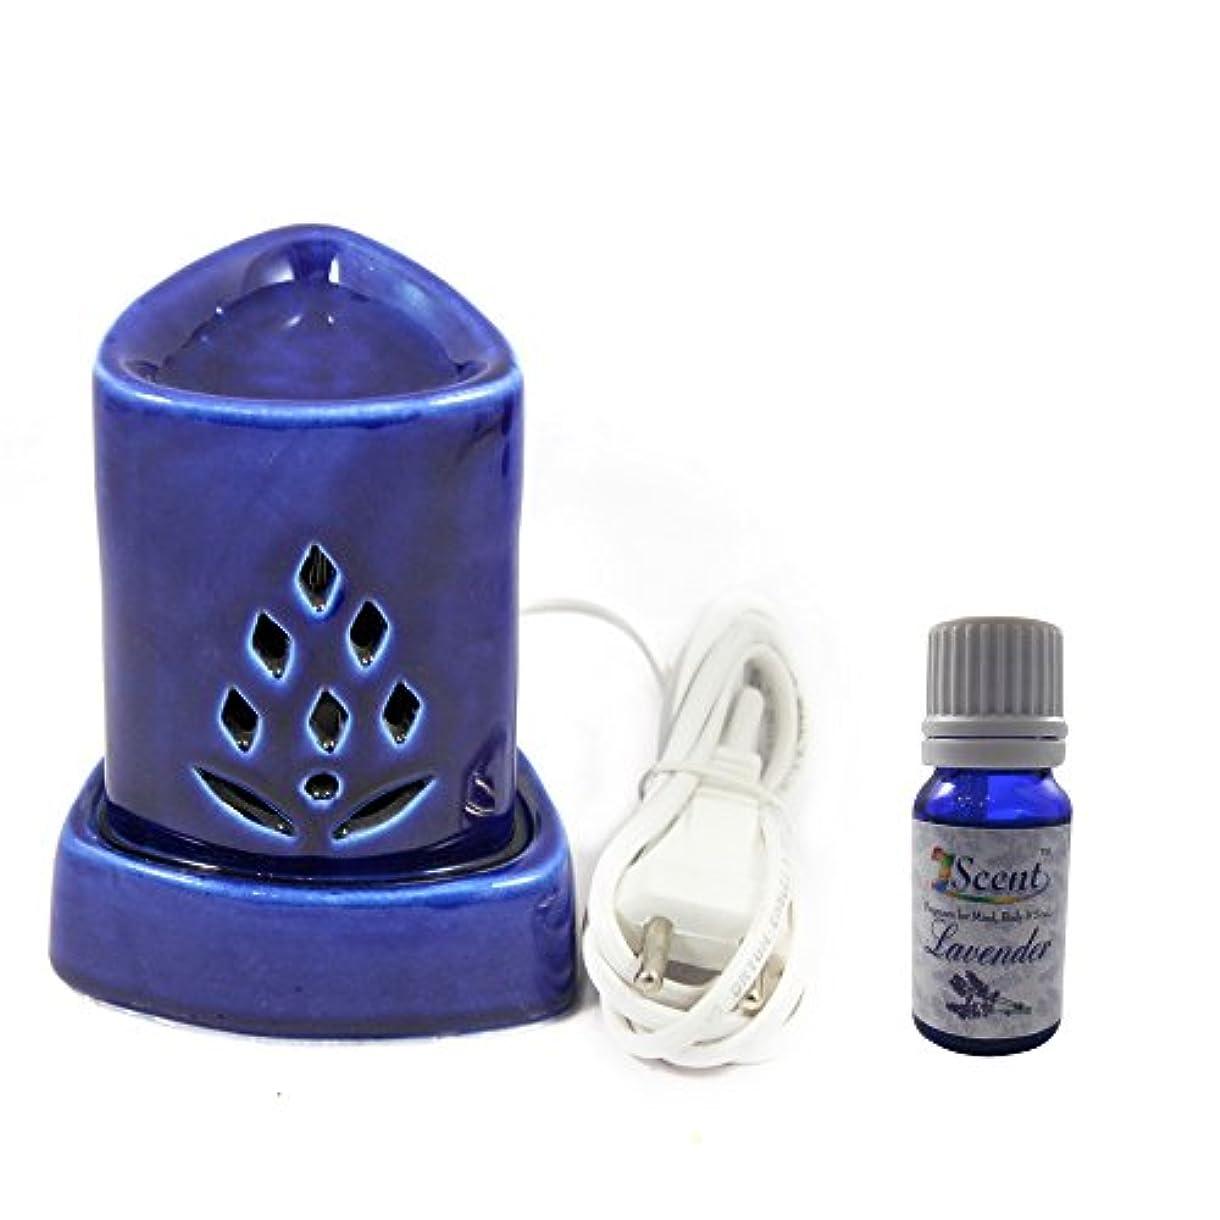 ホームインテリア定期的に使用する汚染フリーハンドメイドセラミックエスニックアロマディフューザーオイルバーナーサンダルウッド香油良い品質ブルーカラー電気アロマテラピー香油暖かい数量1